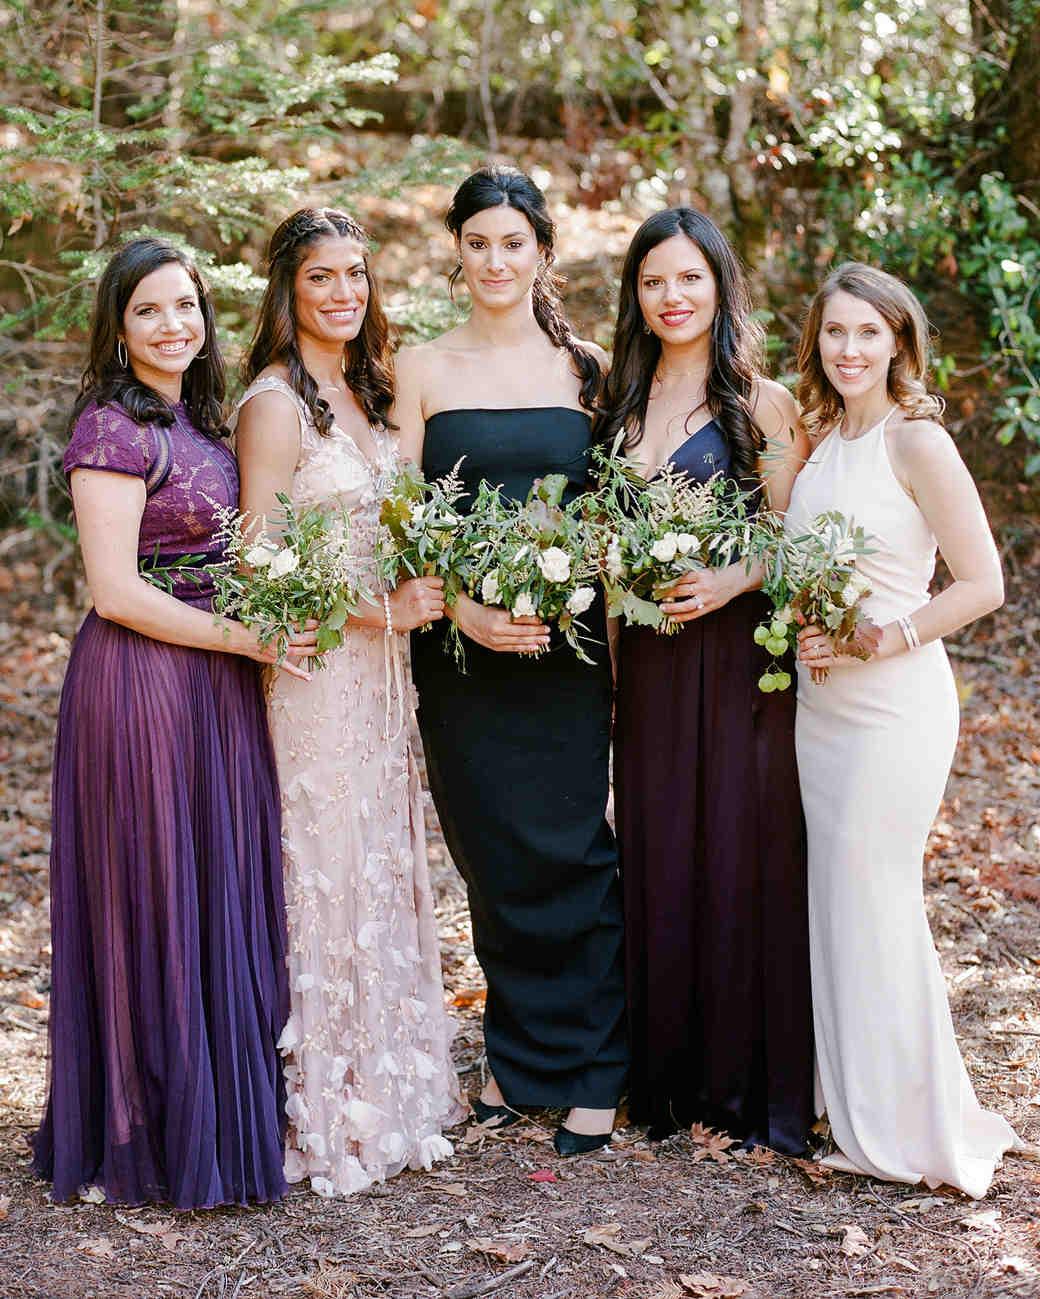 cristina chris wedding bridesmaids